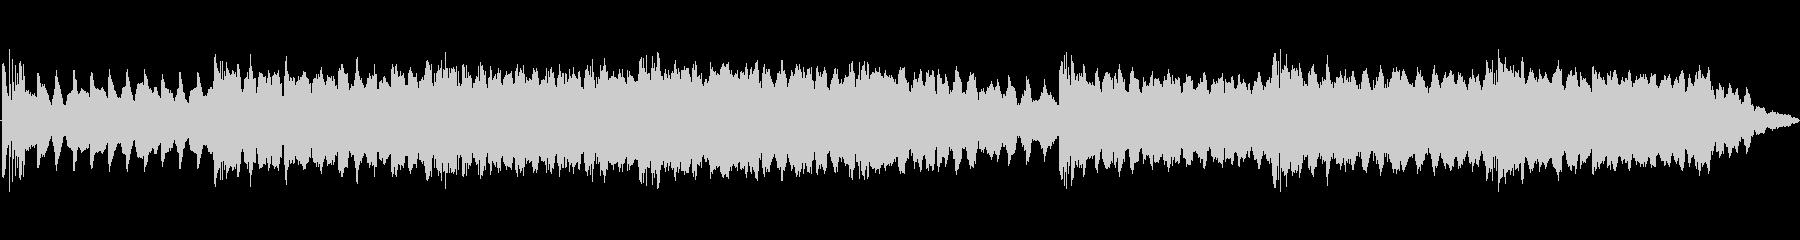 マリンバがポリリズム的に鳴りますの未再生の波形